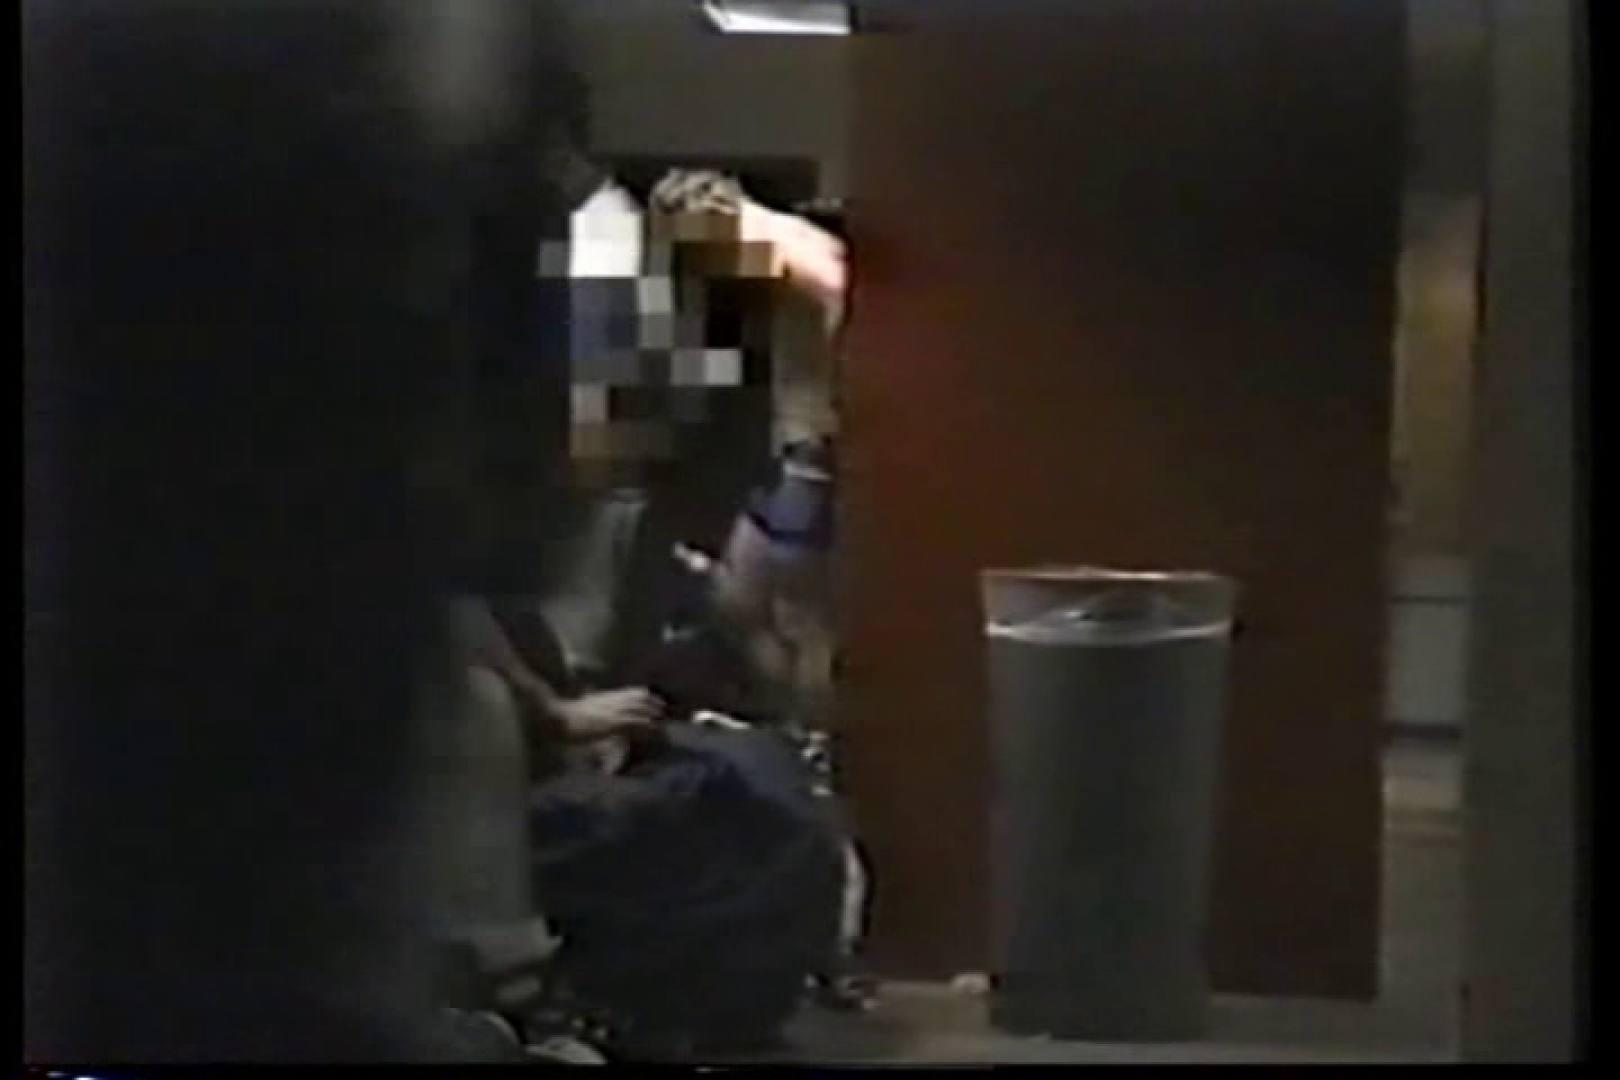 洋人さんの脱衣所を覗いてみました。VOL.3 のぞき  38pic 11